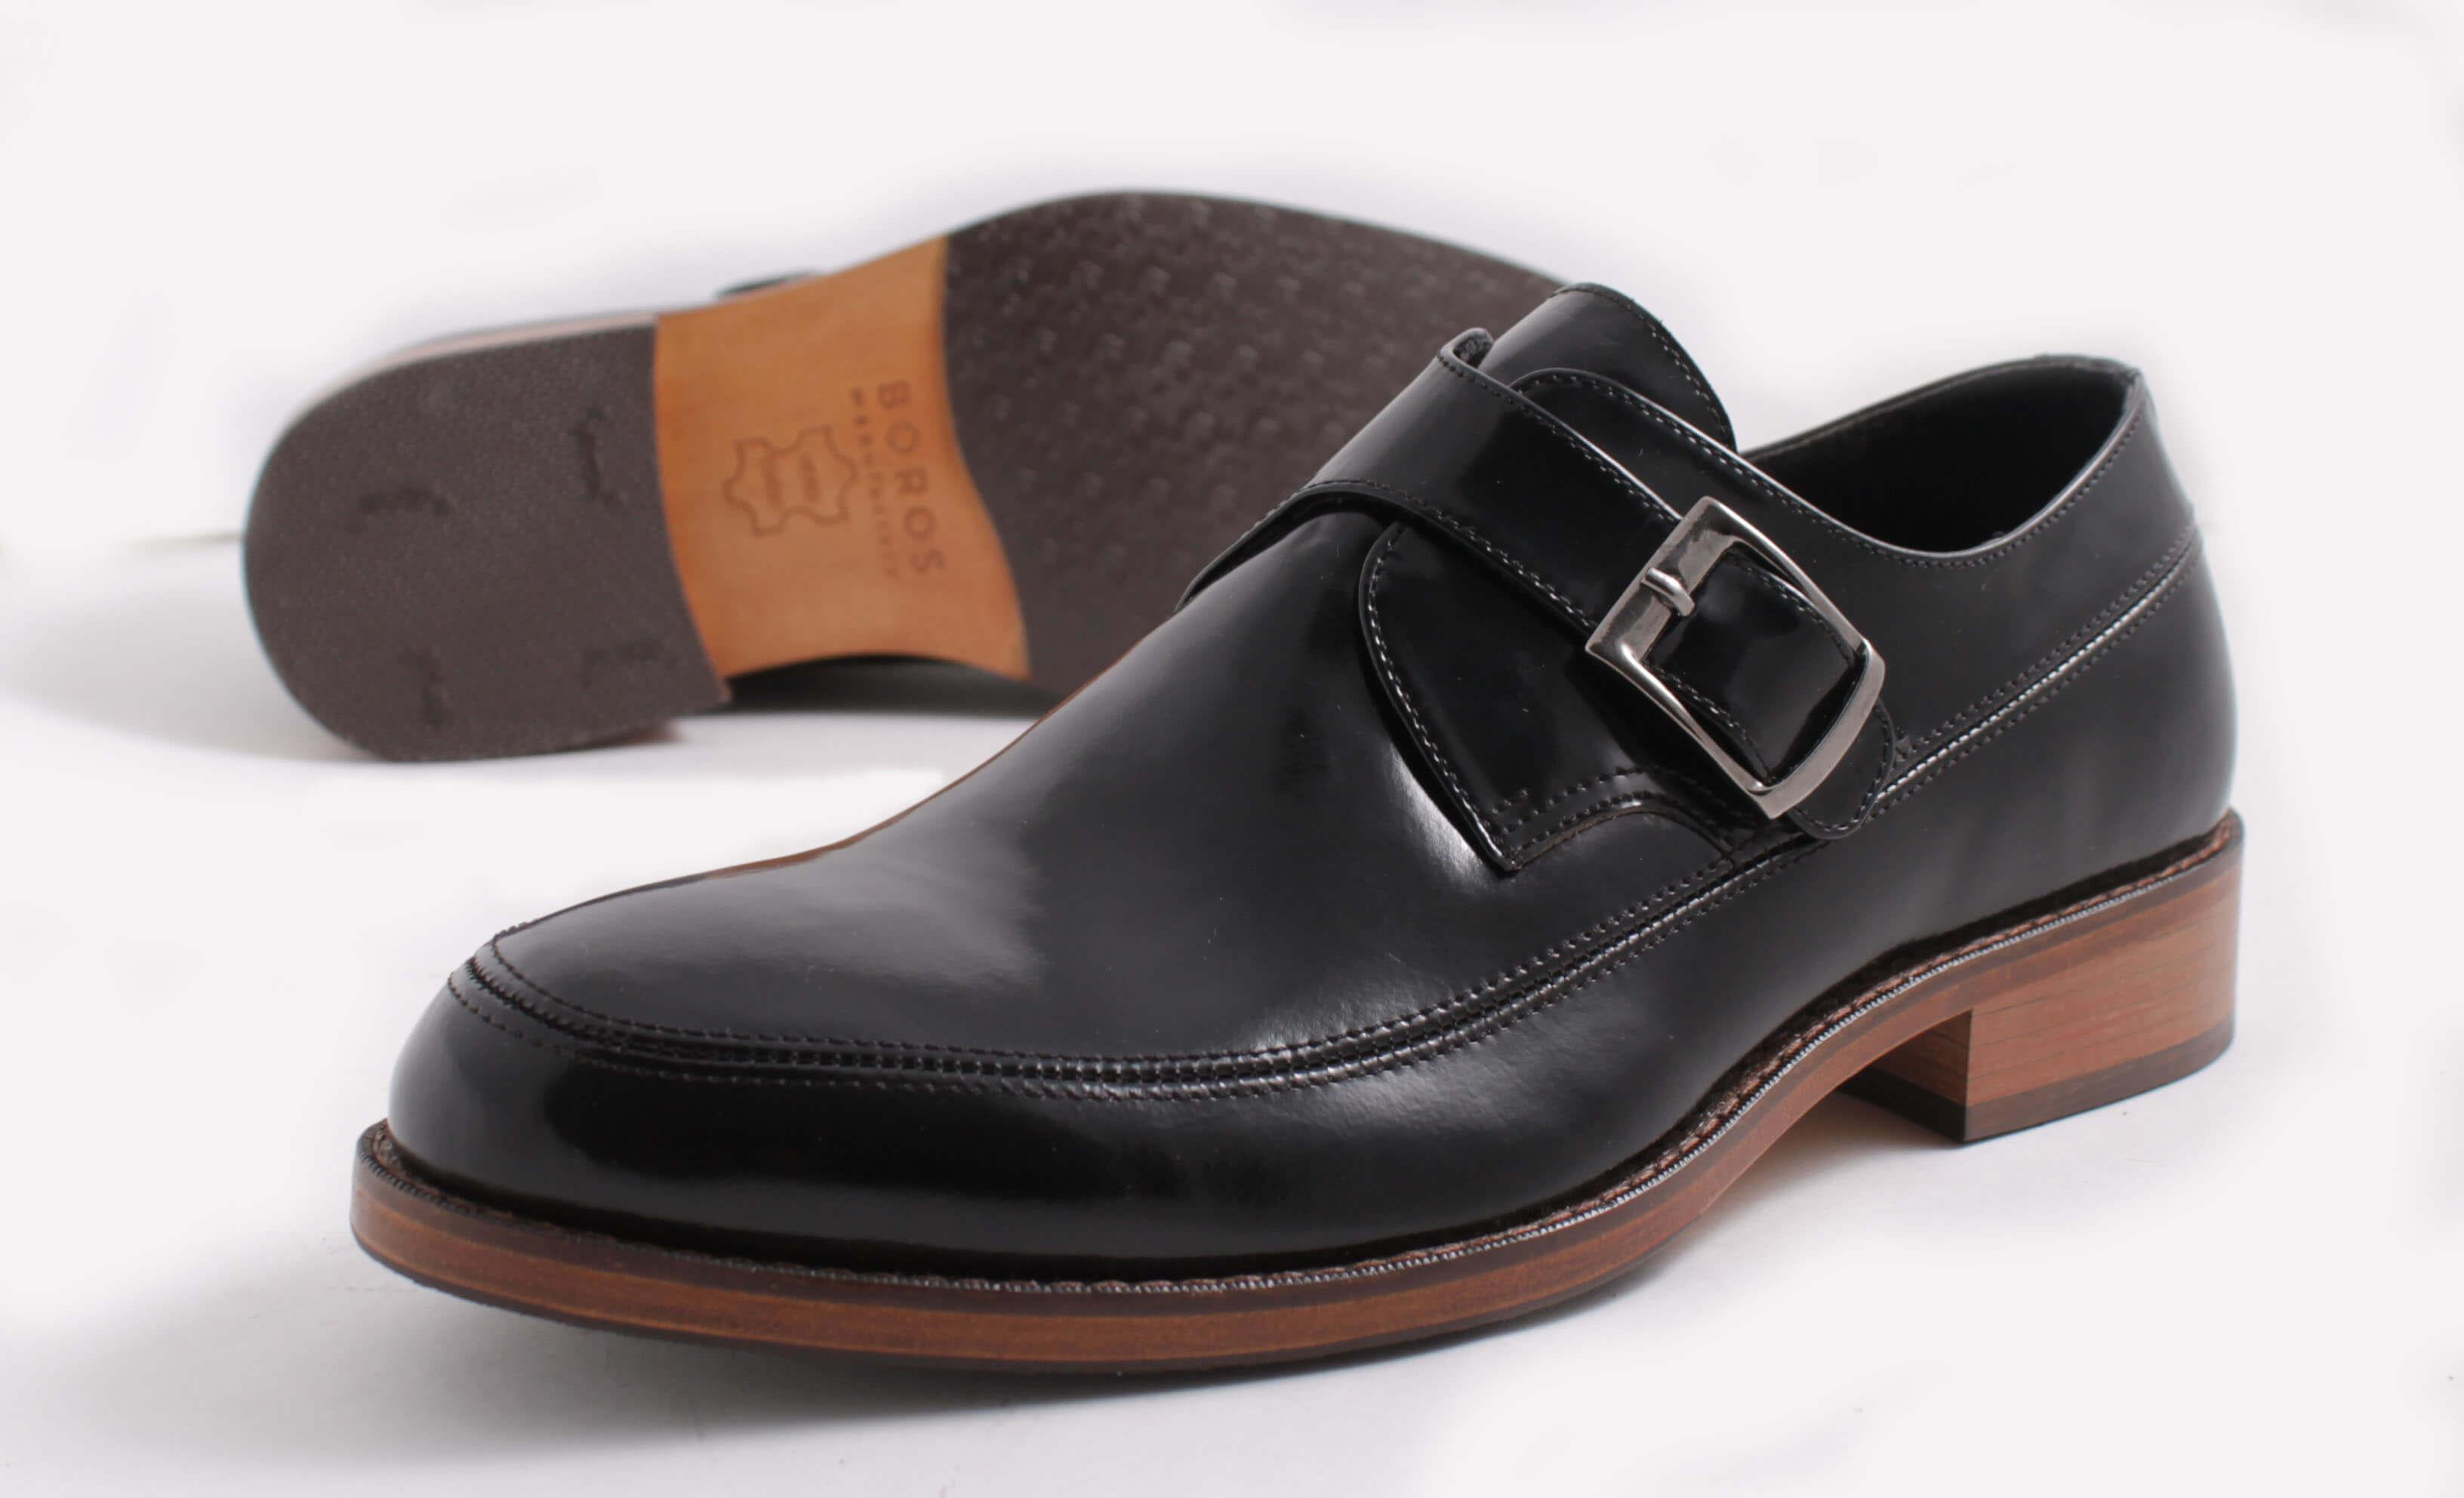 547a3bb67 Индивидуальный пошив эксклюзивной обуви Итальянские стандарты качества и  дизайна. Впервые в Казахстане.